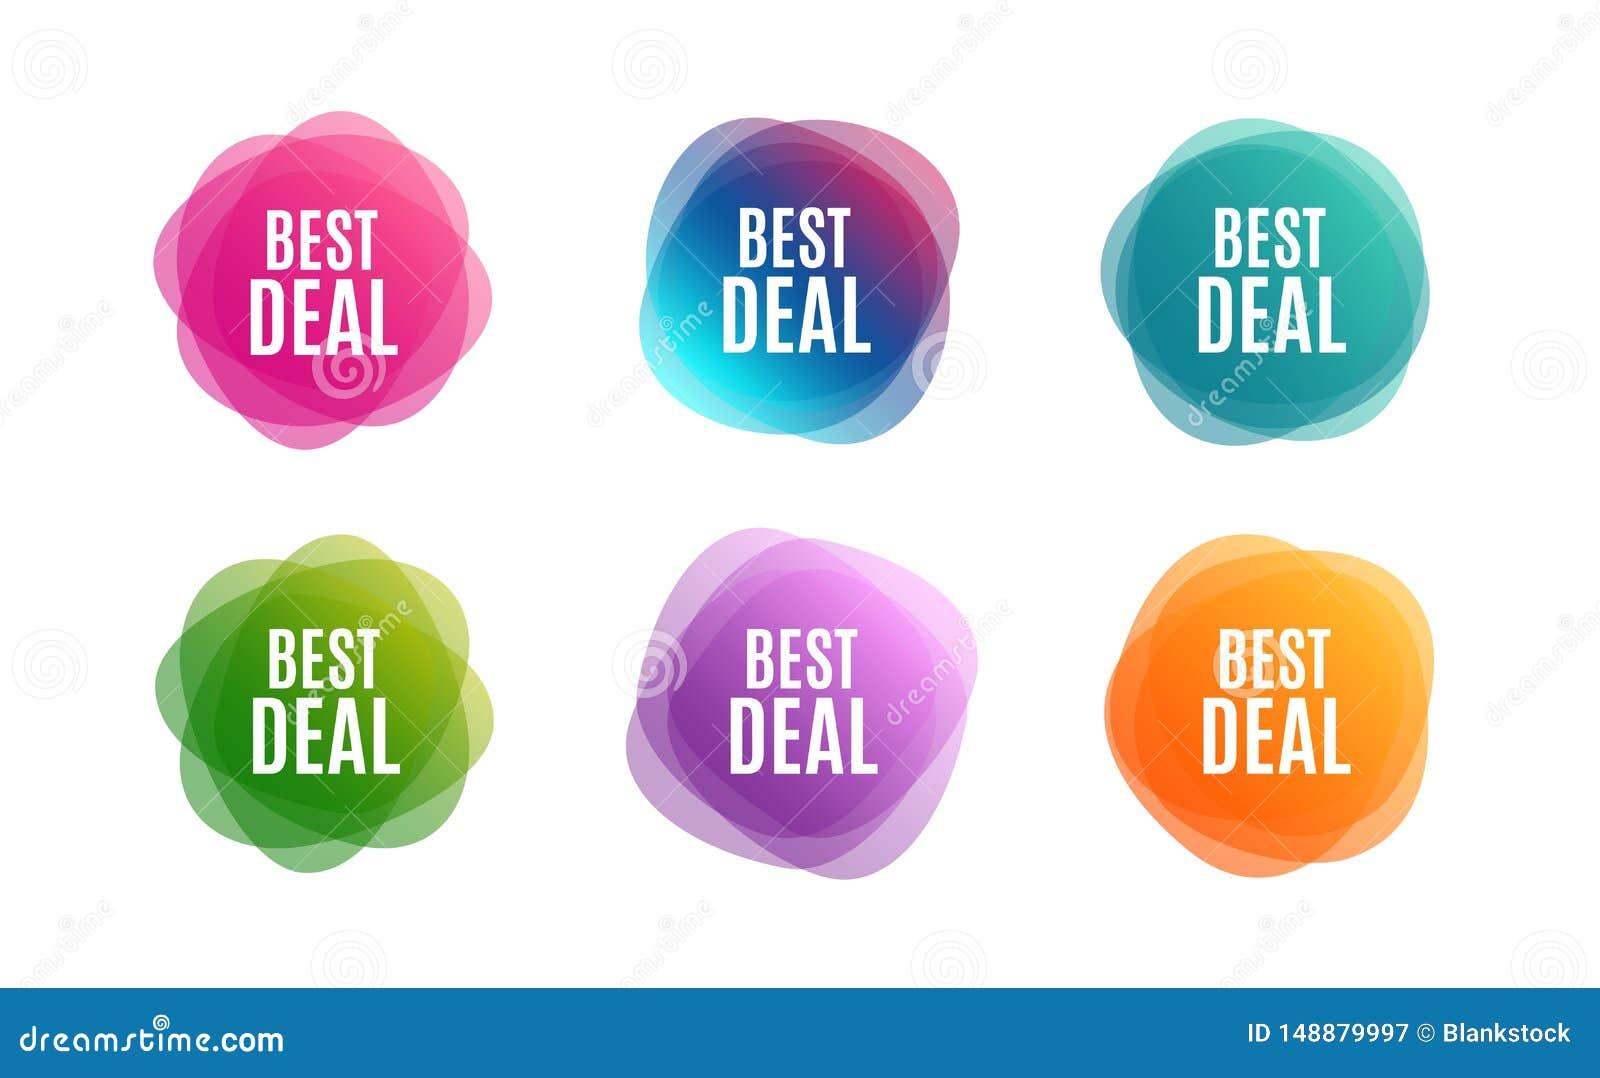 Bestes Abkommen Sonderangebot Verkaufszeichen Vektor